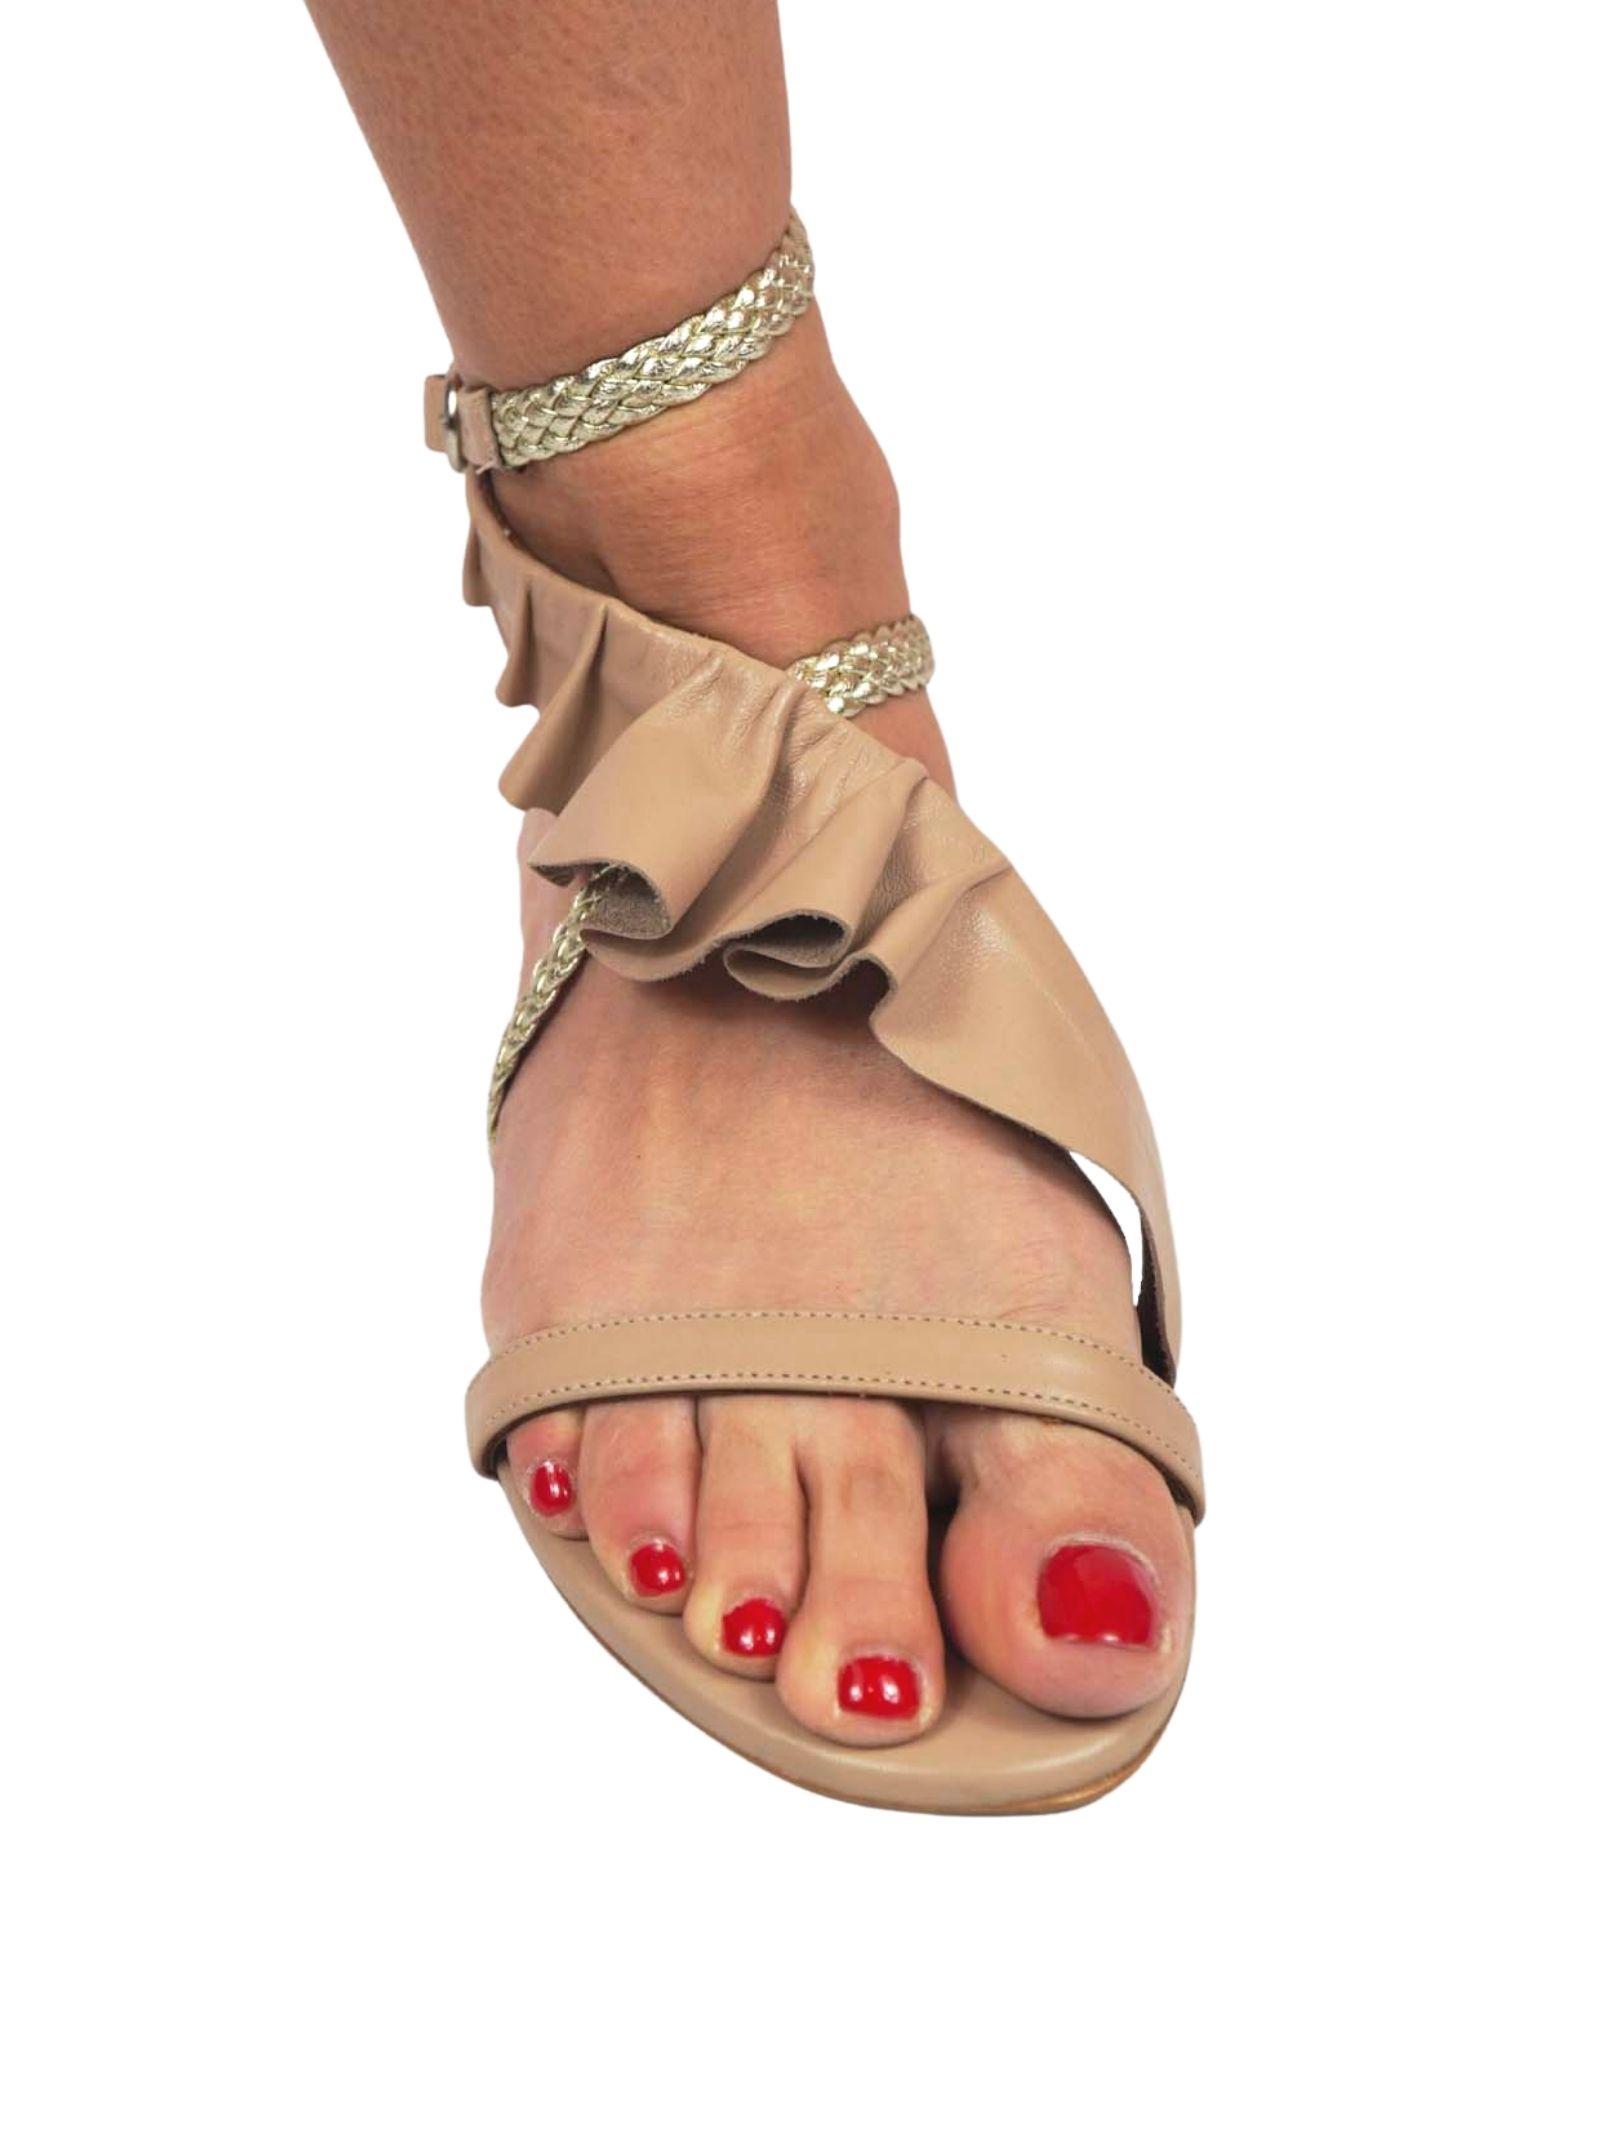 Calzature Donna Sandali Bassi in Pelle Nude con Cinturini di Pelle Intrecciata Argento e Plissé in Pelle Toral | Sandali Flat | TL12639300